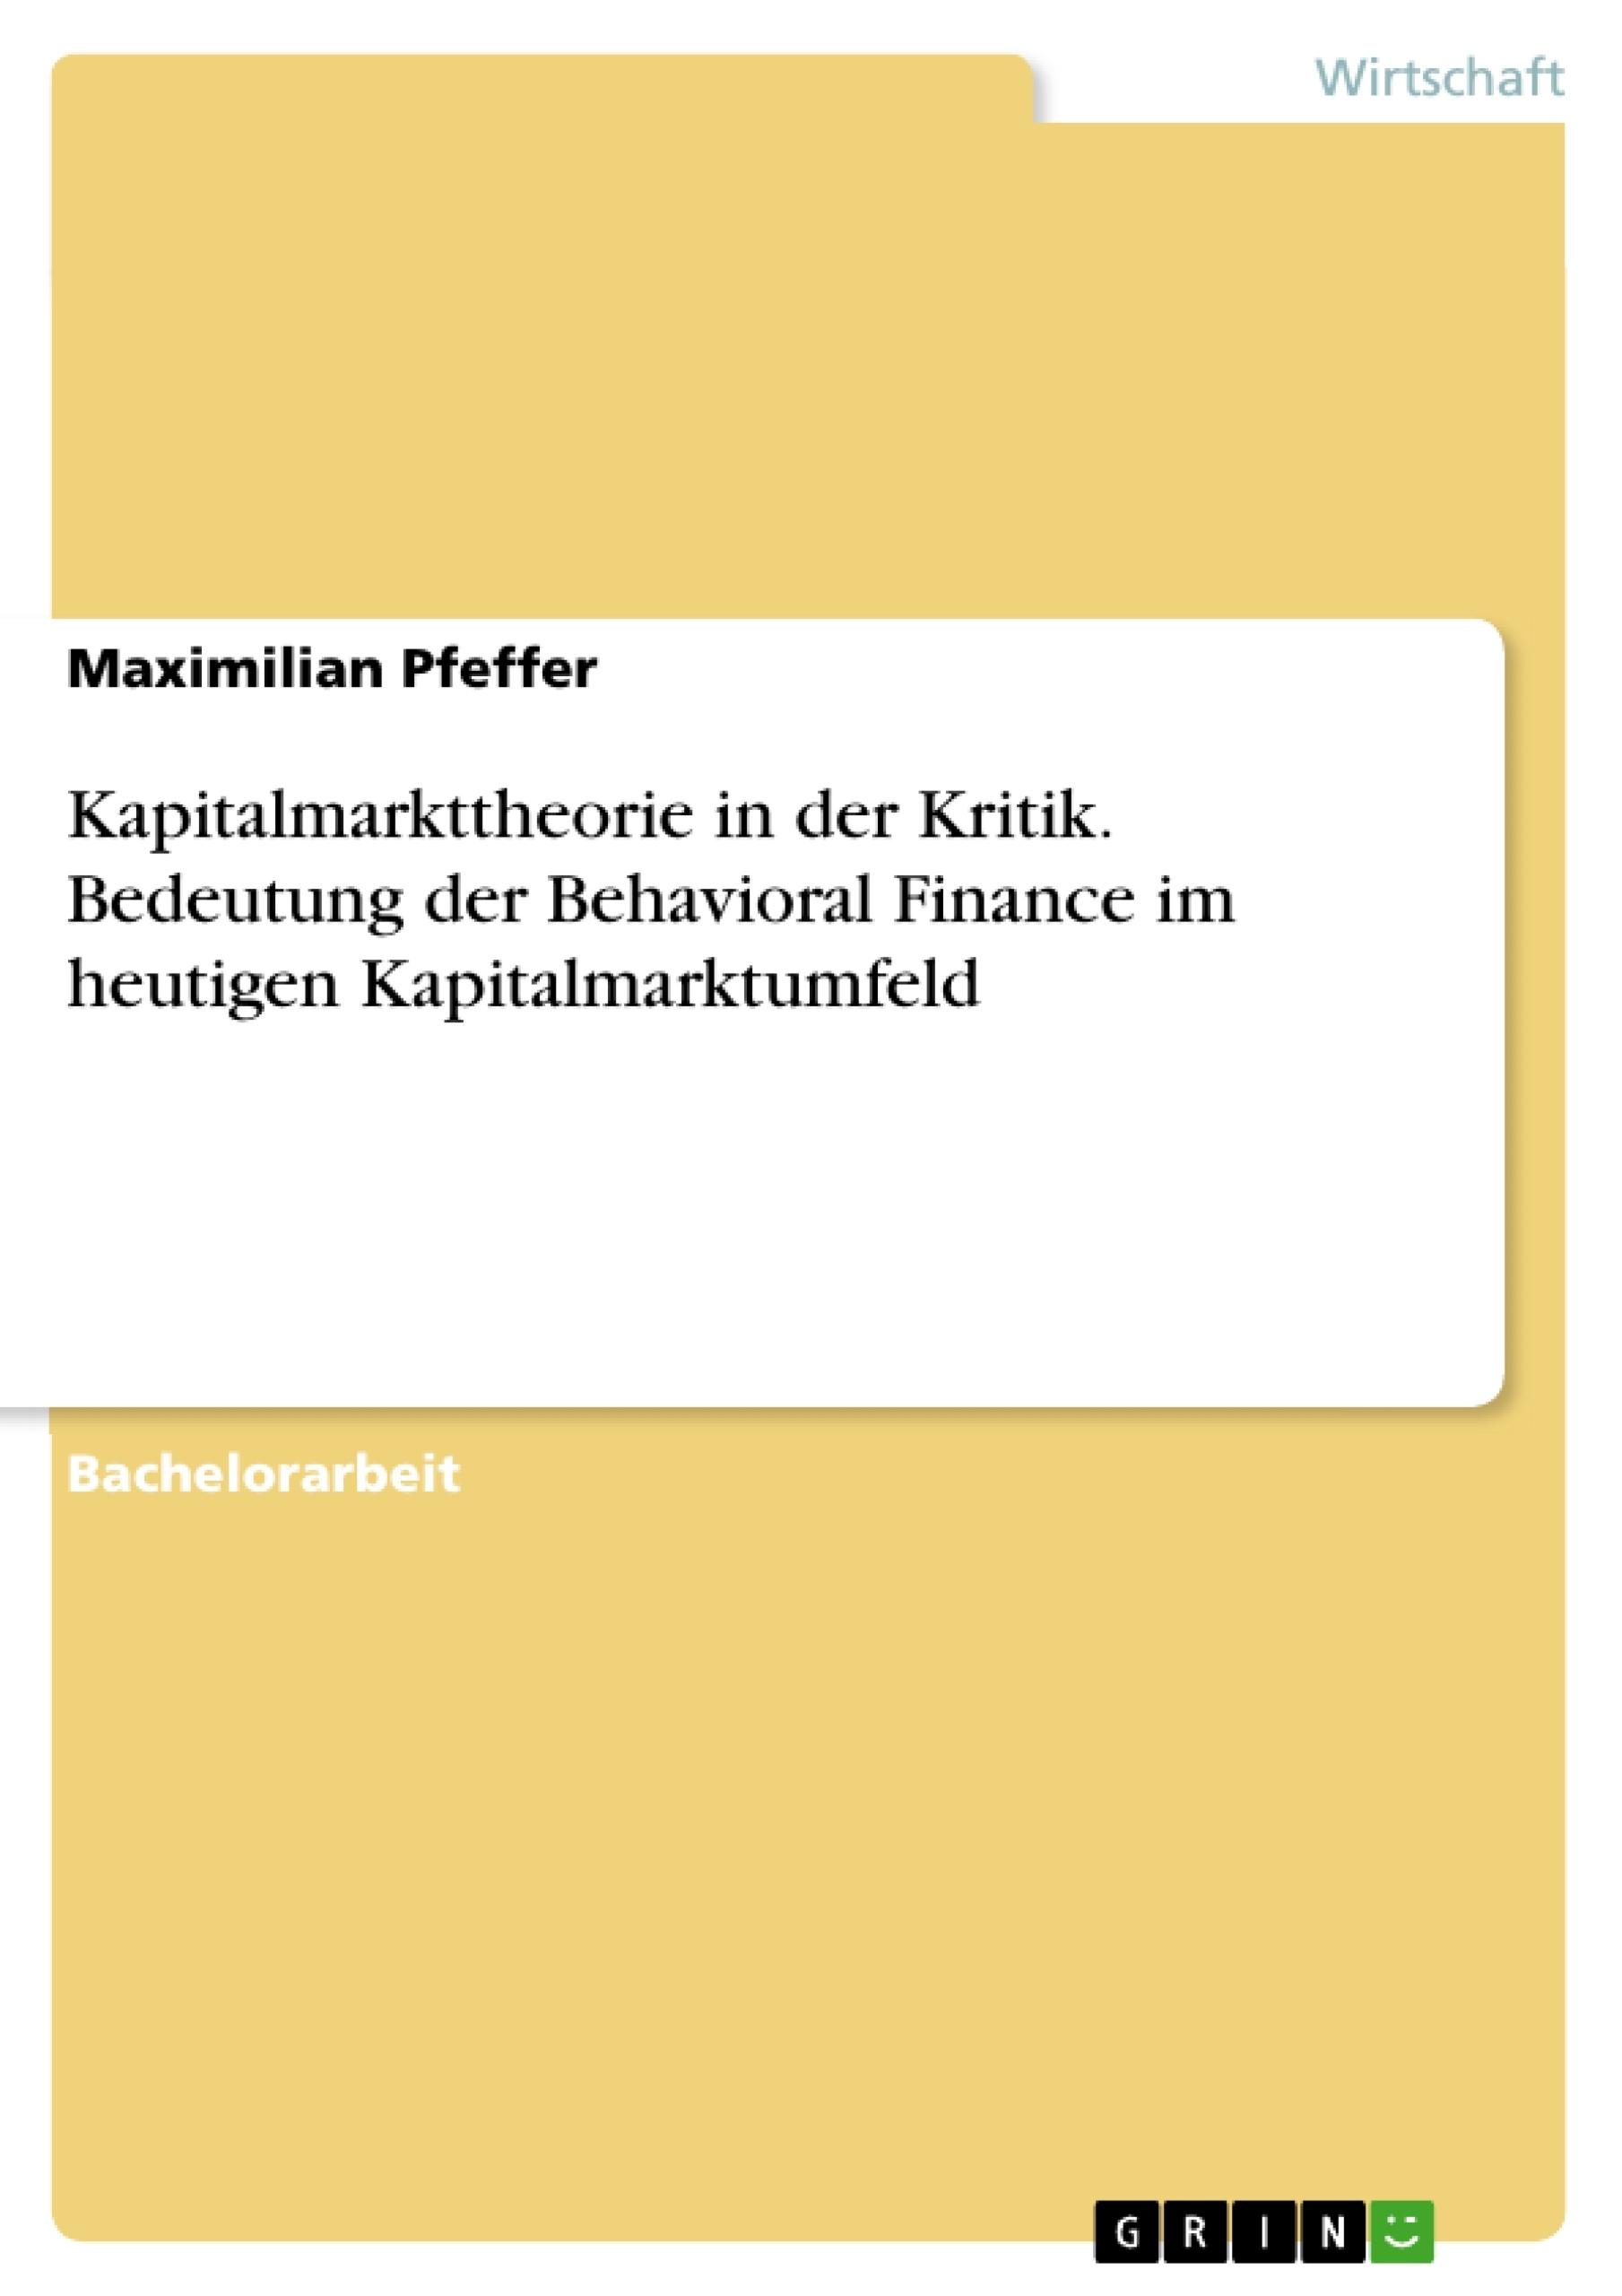 Titel: Kapitalmarkttheorie in der Kritik. Bedeutung der Behavioral Finance im heutigen Kapitalmarktumfeld